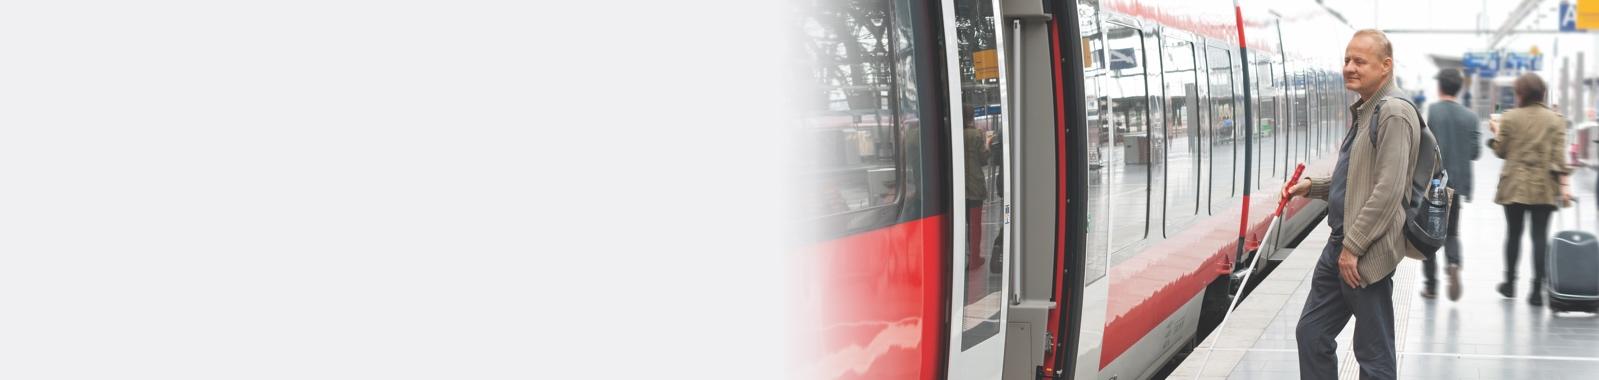 Déficient visuel sur le quai d'une gare